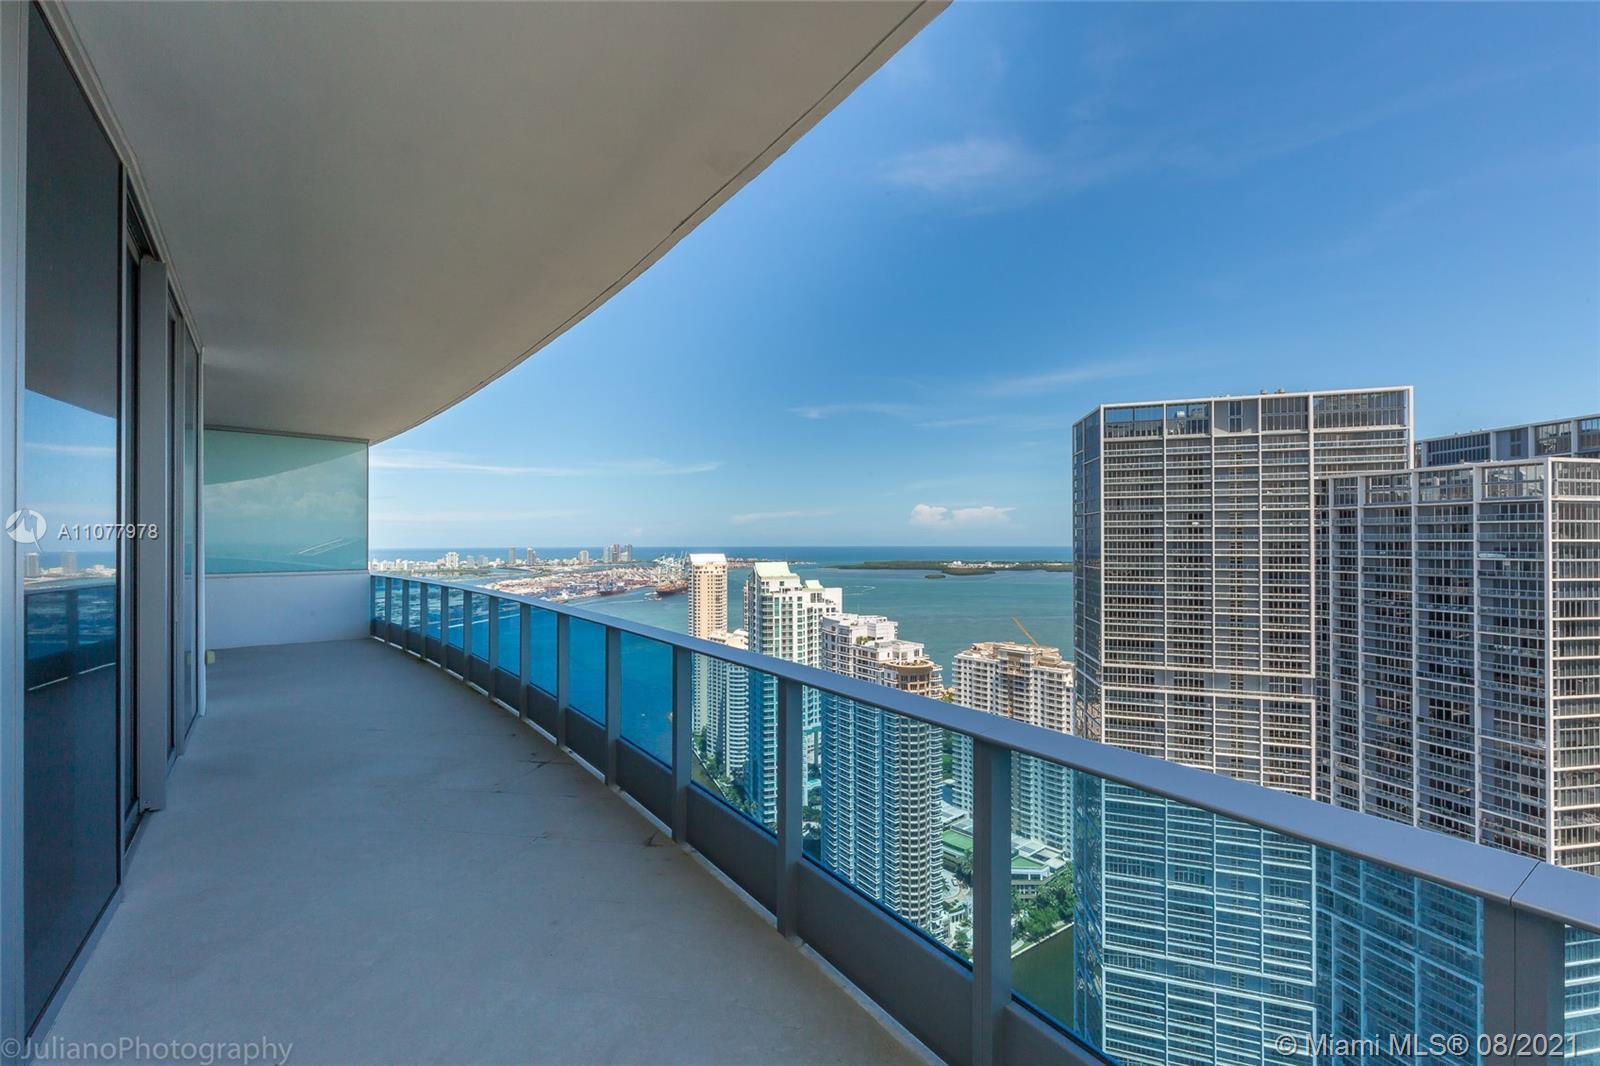 200 Biscayne Blvd Way 5204/5208, Miami, FL 33131